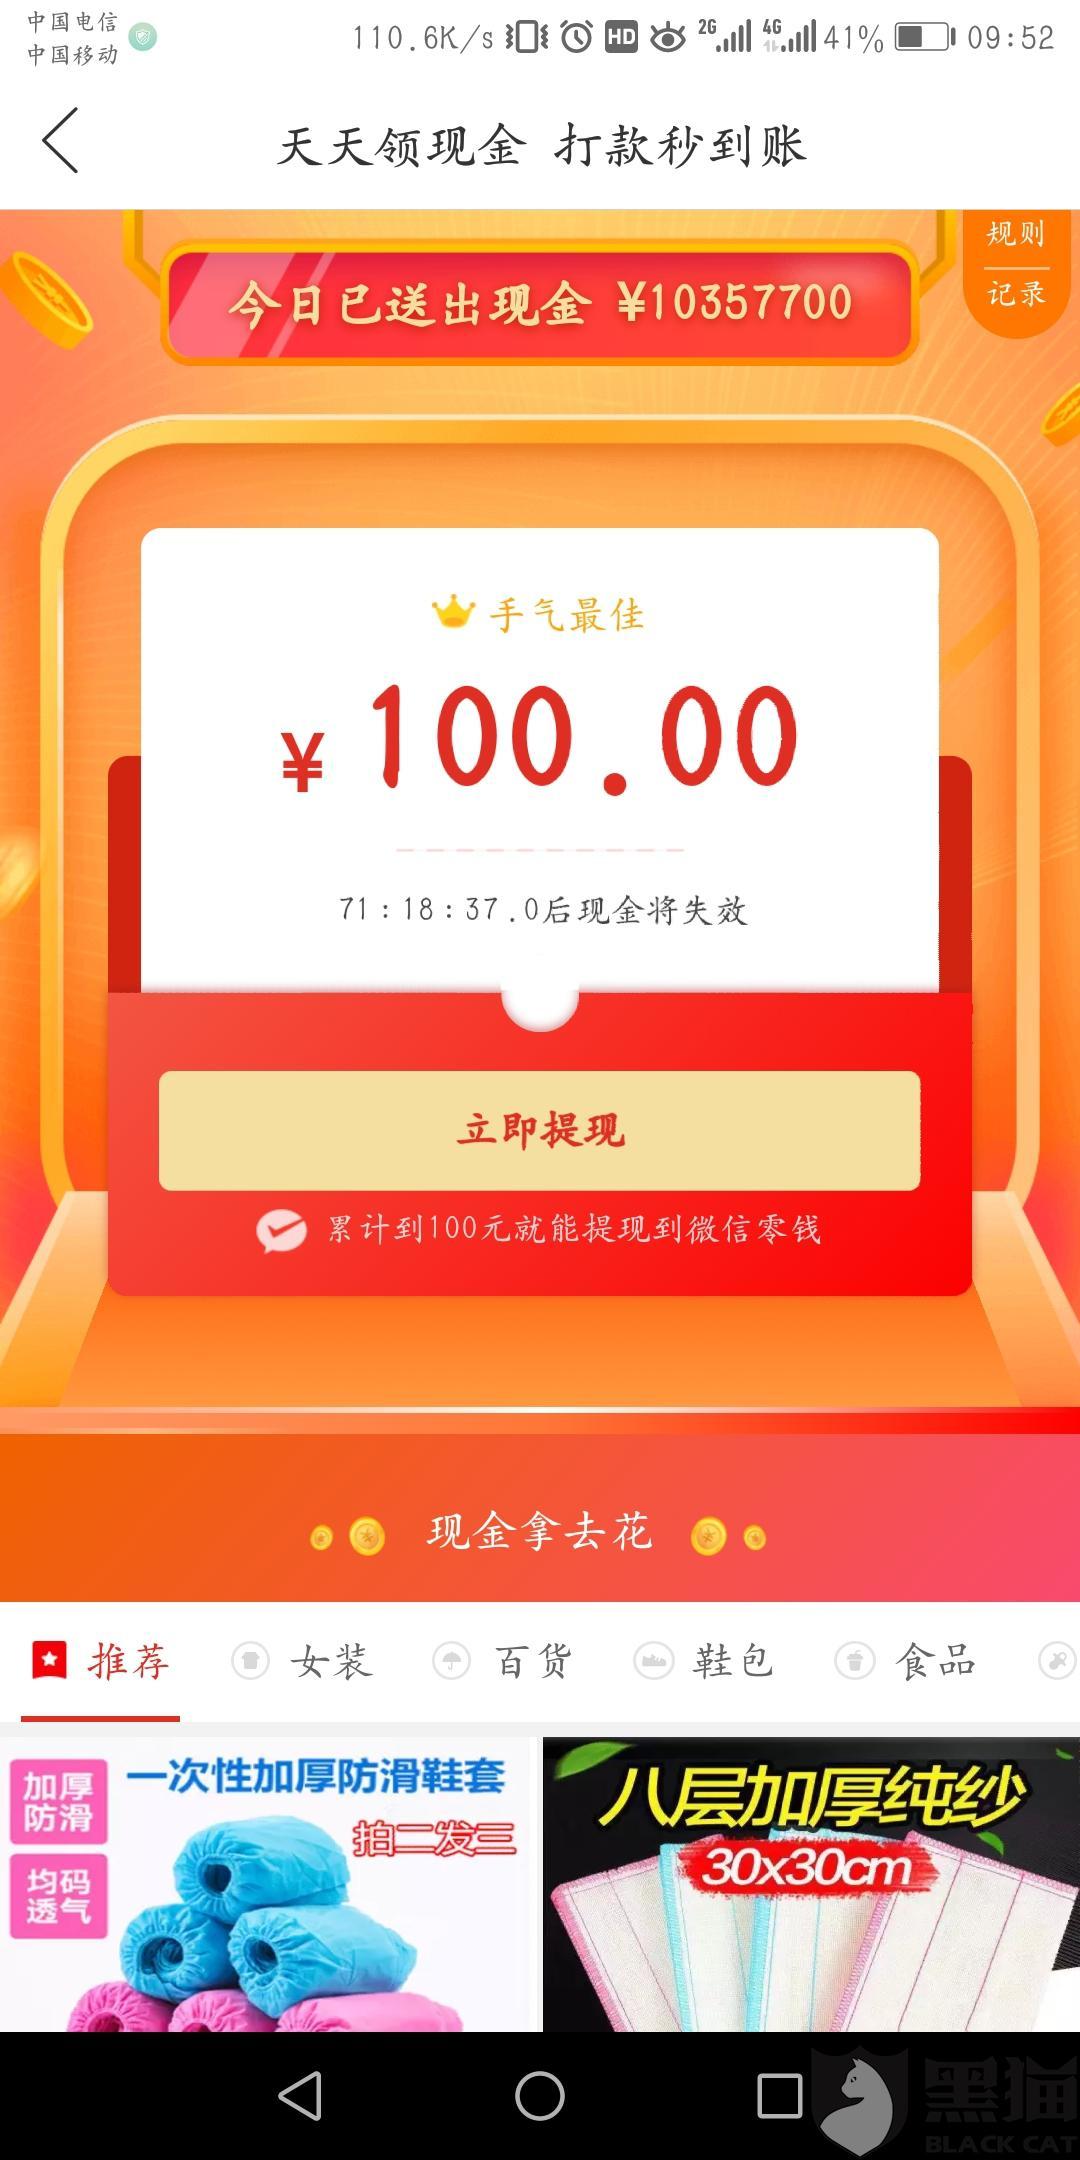 黑猫投诉:拼多多100块微信零钱提现竟然给了100块优惠券,要求赔偿100现金